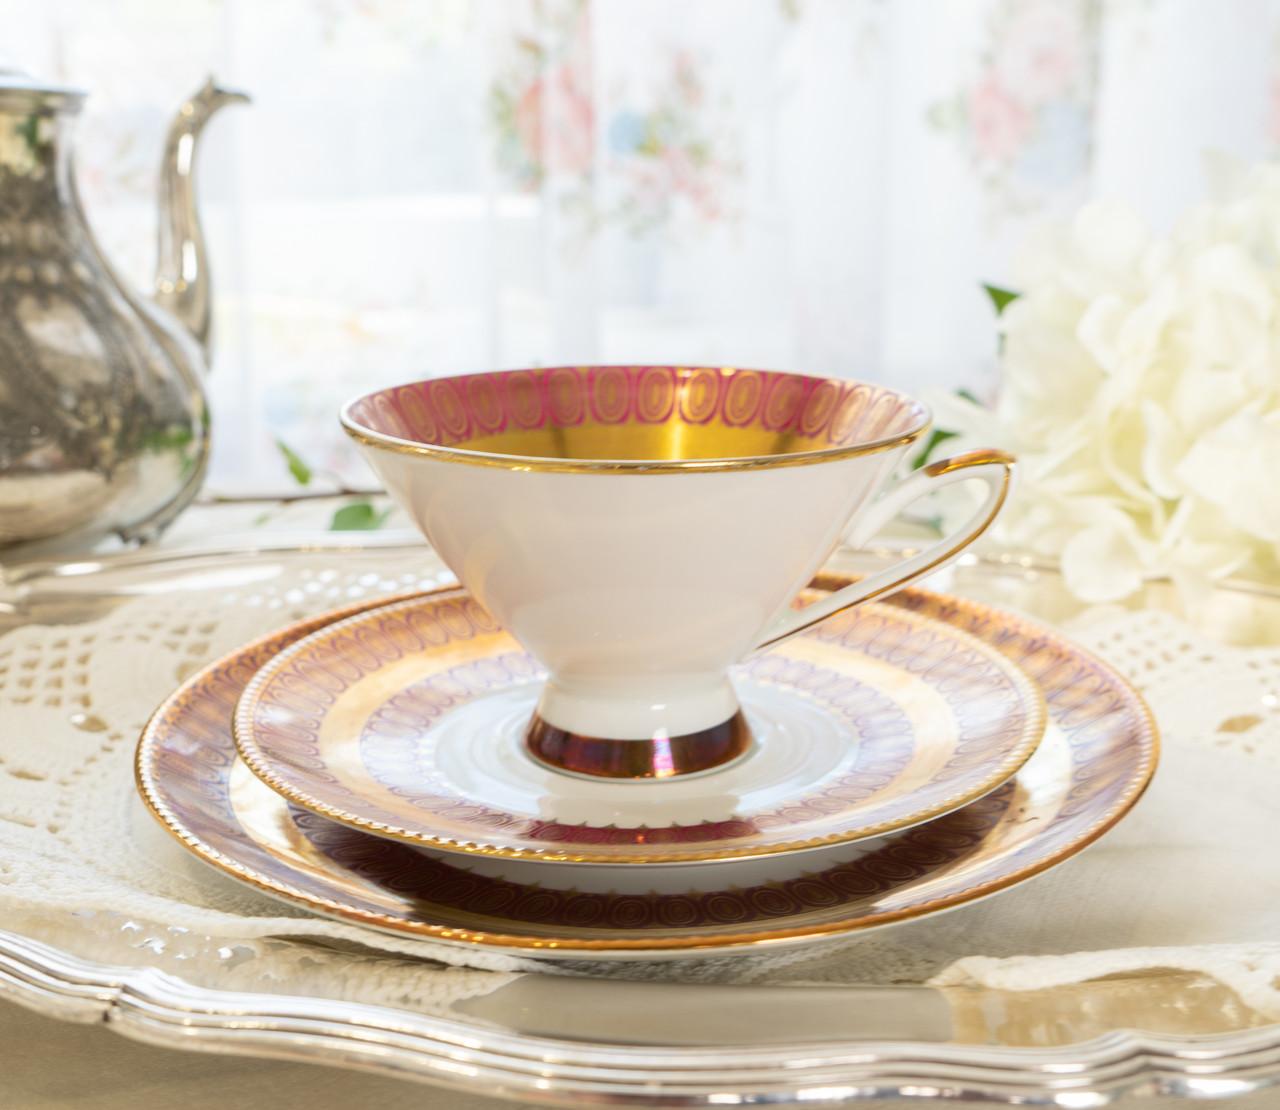 Антикварная немецкая чайная тройка, чашка, блюдце, тарелка, фарфор, Германия, Roslau